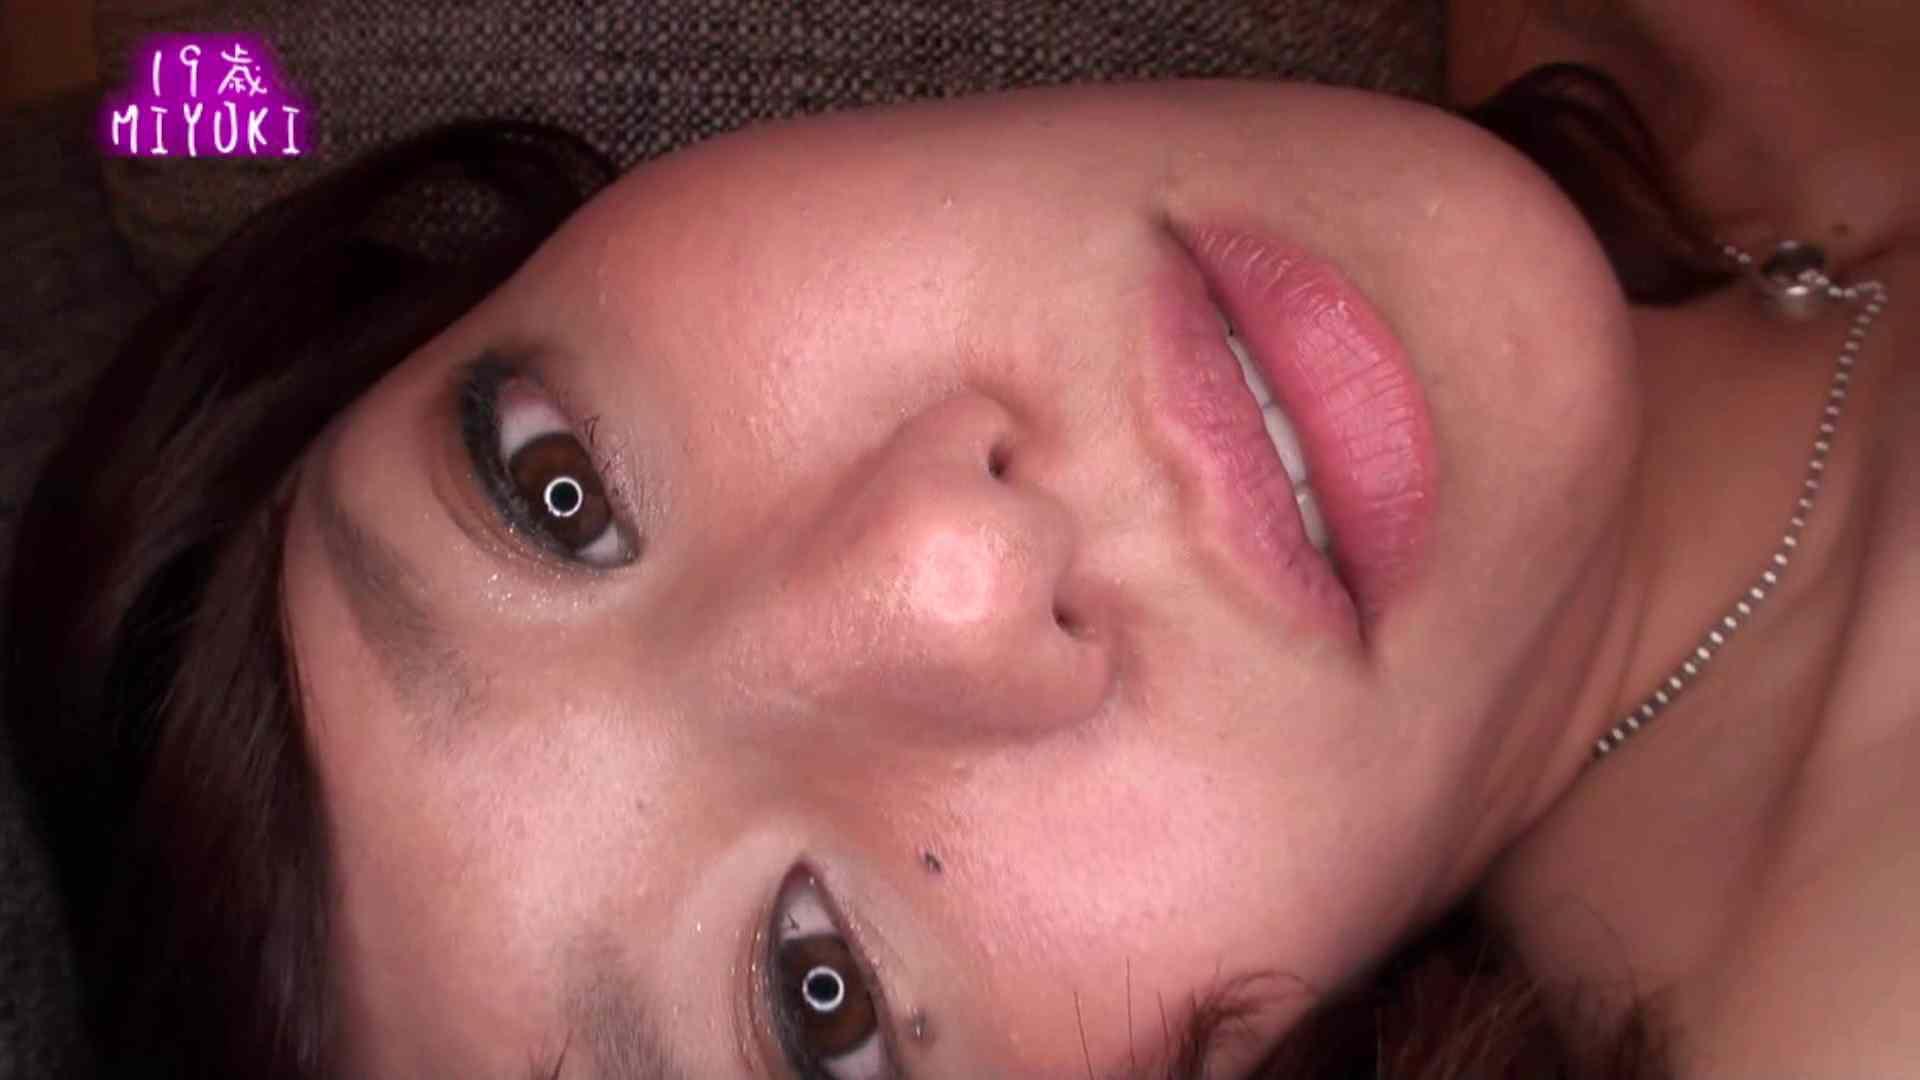 遂に解禁!!MIYUKIちゃんの柔らかいおっぱい ギャル達のおっぱい | メーカー直接買い取り  88画像 30